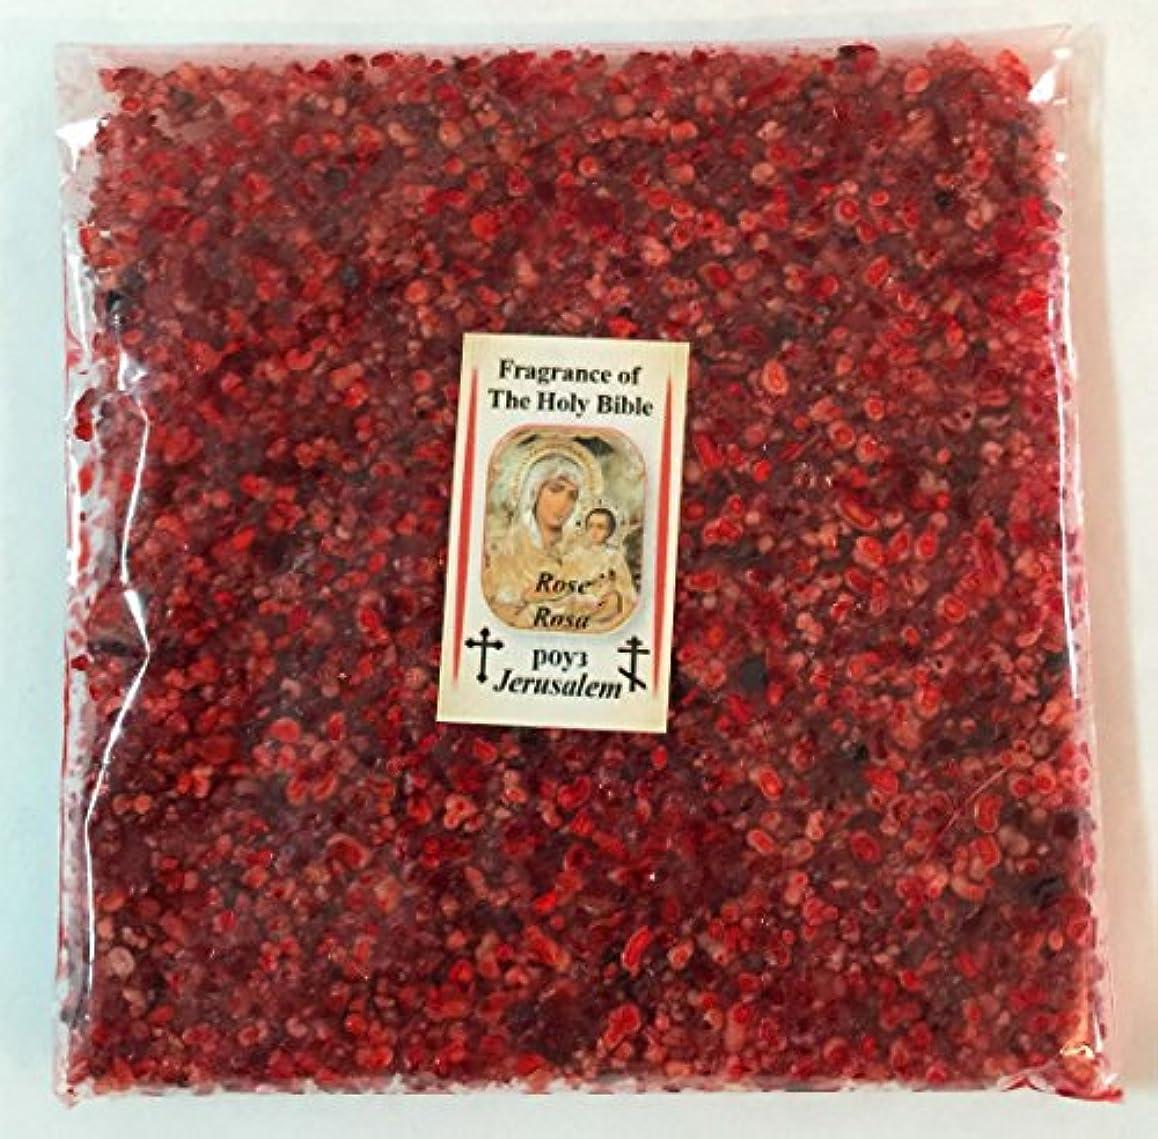 ぜいたく雑草望まないHoly Land Natural Rose IncenseエルサレムFragrance 3.5 Oz 100 gr